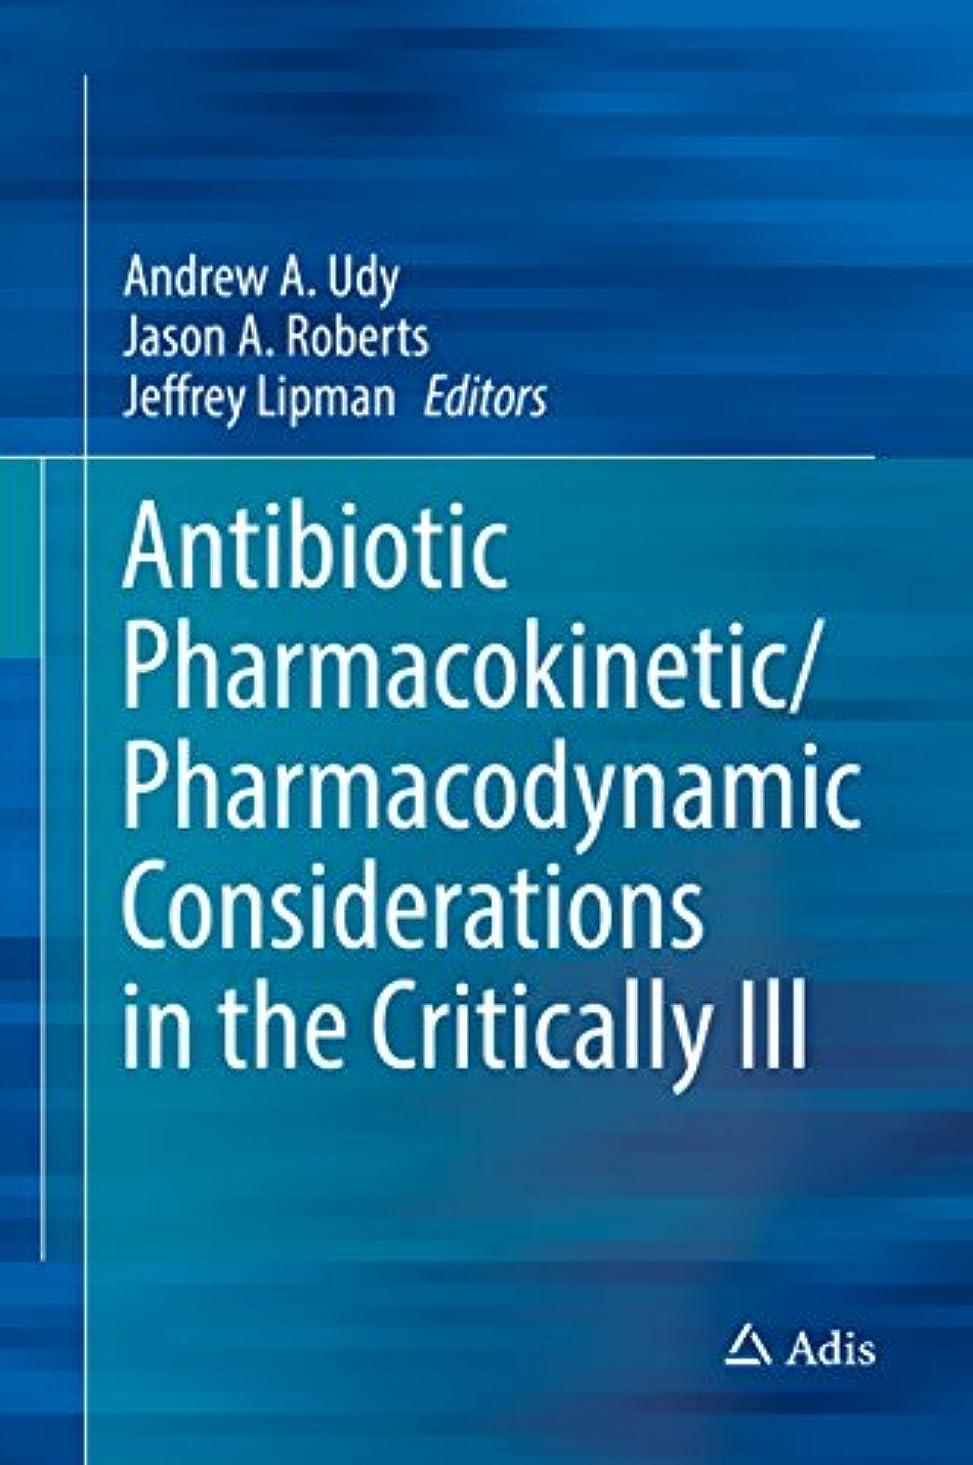 感嘆上下する支給Antibiotic Pharmacokinetic/Pharmacodynamic Considerations in the Critically Ill (English Edition)